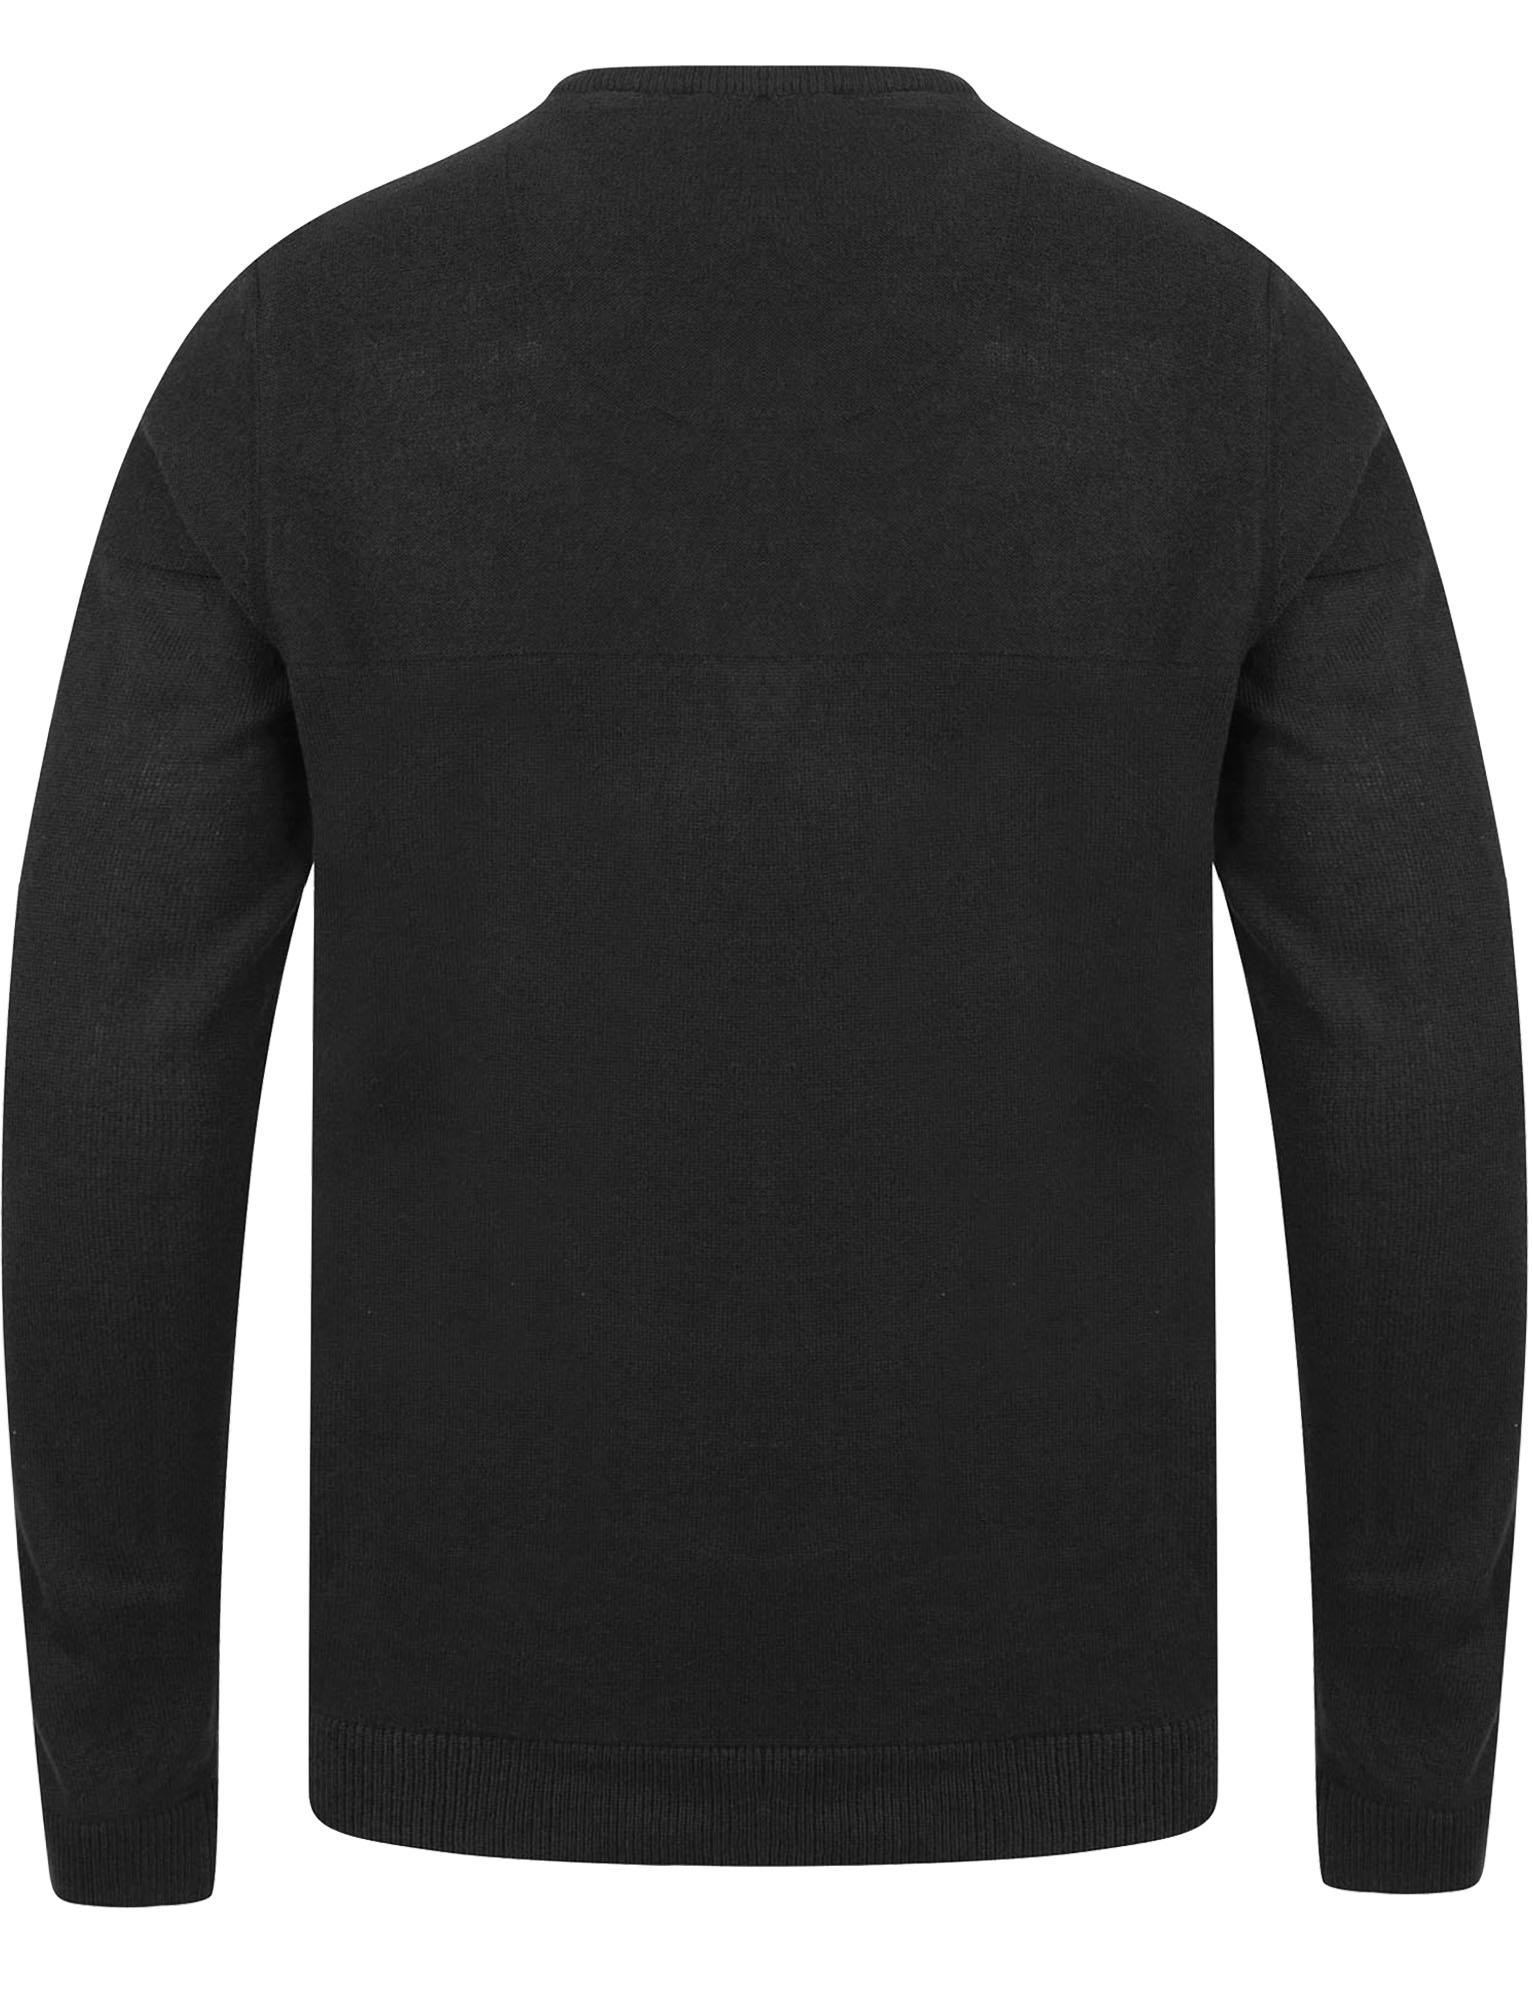 Kensington-Eastside-Men-039-s-Knitted-Crew-or-V-Neck-Jumper-Sweater-Top-Pullover thumbnail 43